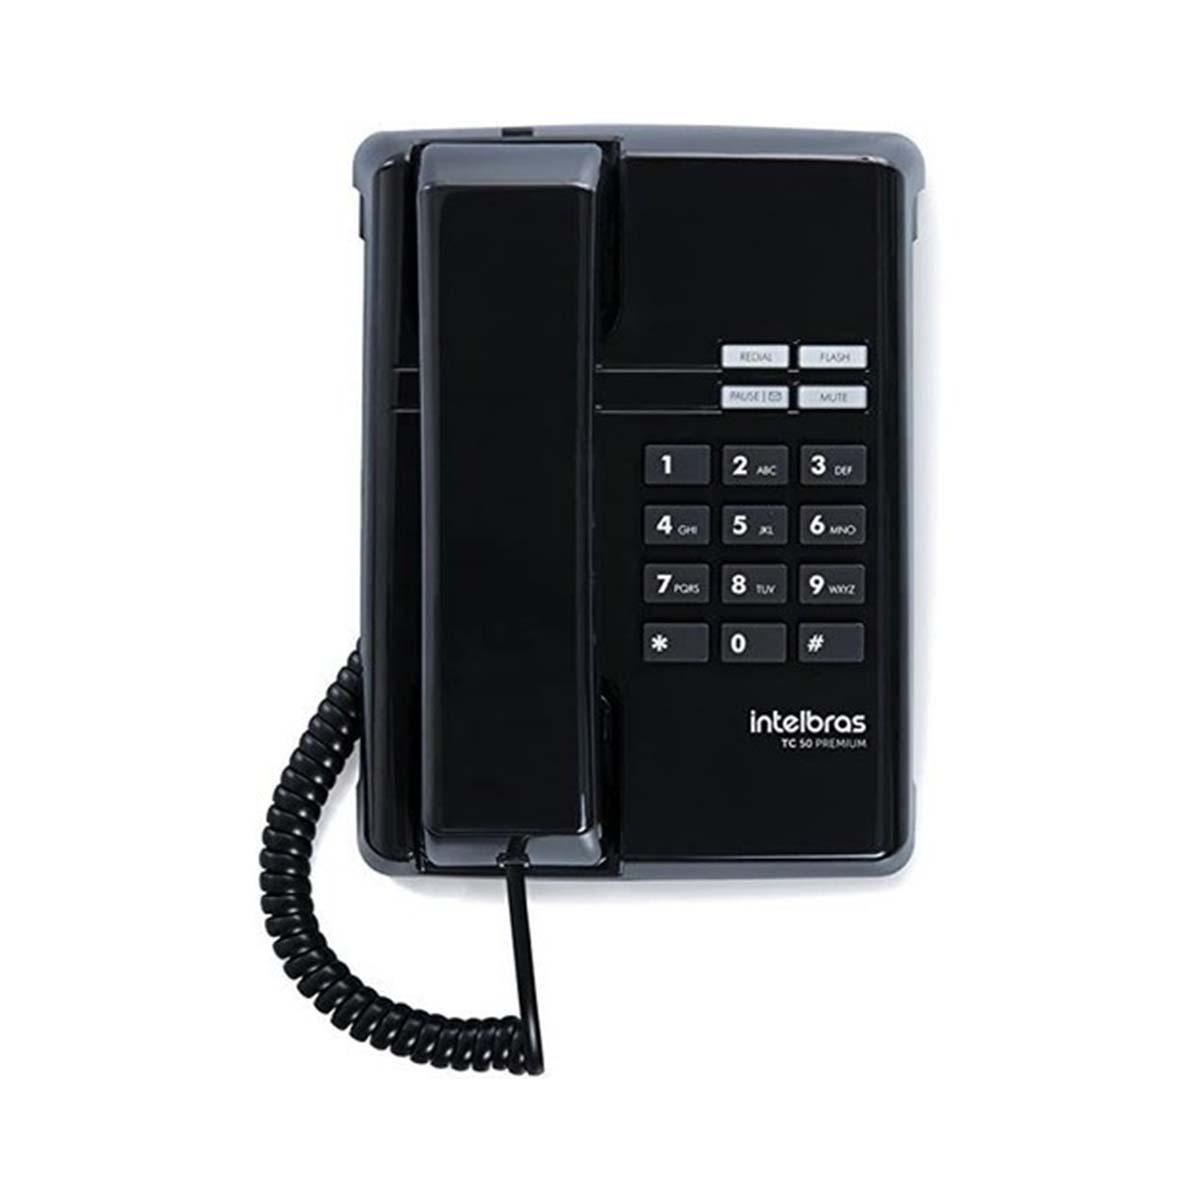 Kit 03 Telefone De Mesa Intelbras Tc50 Premium Preto